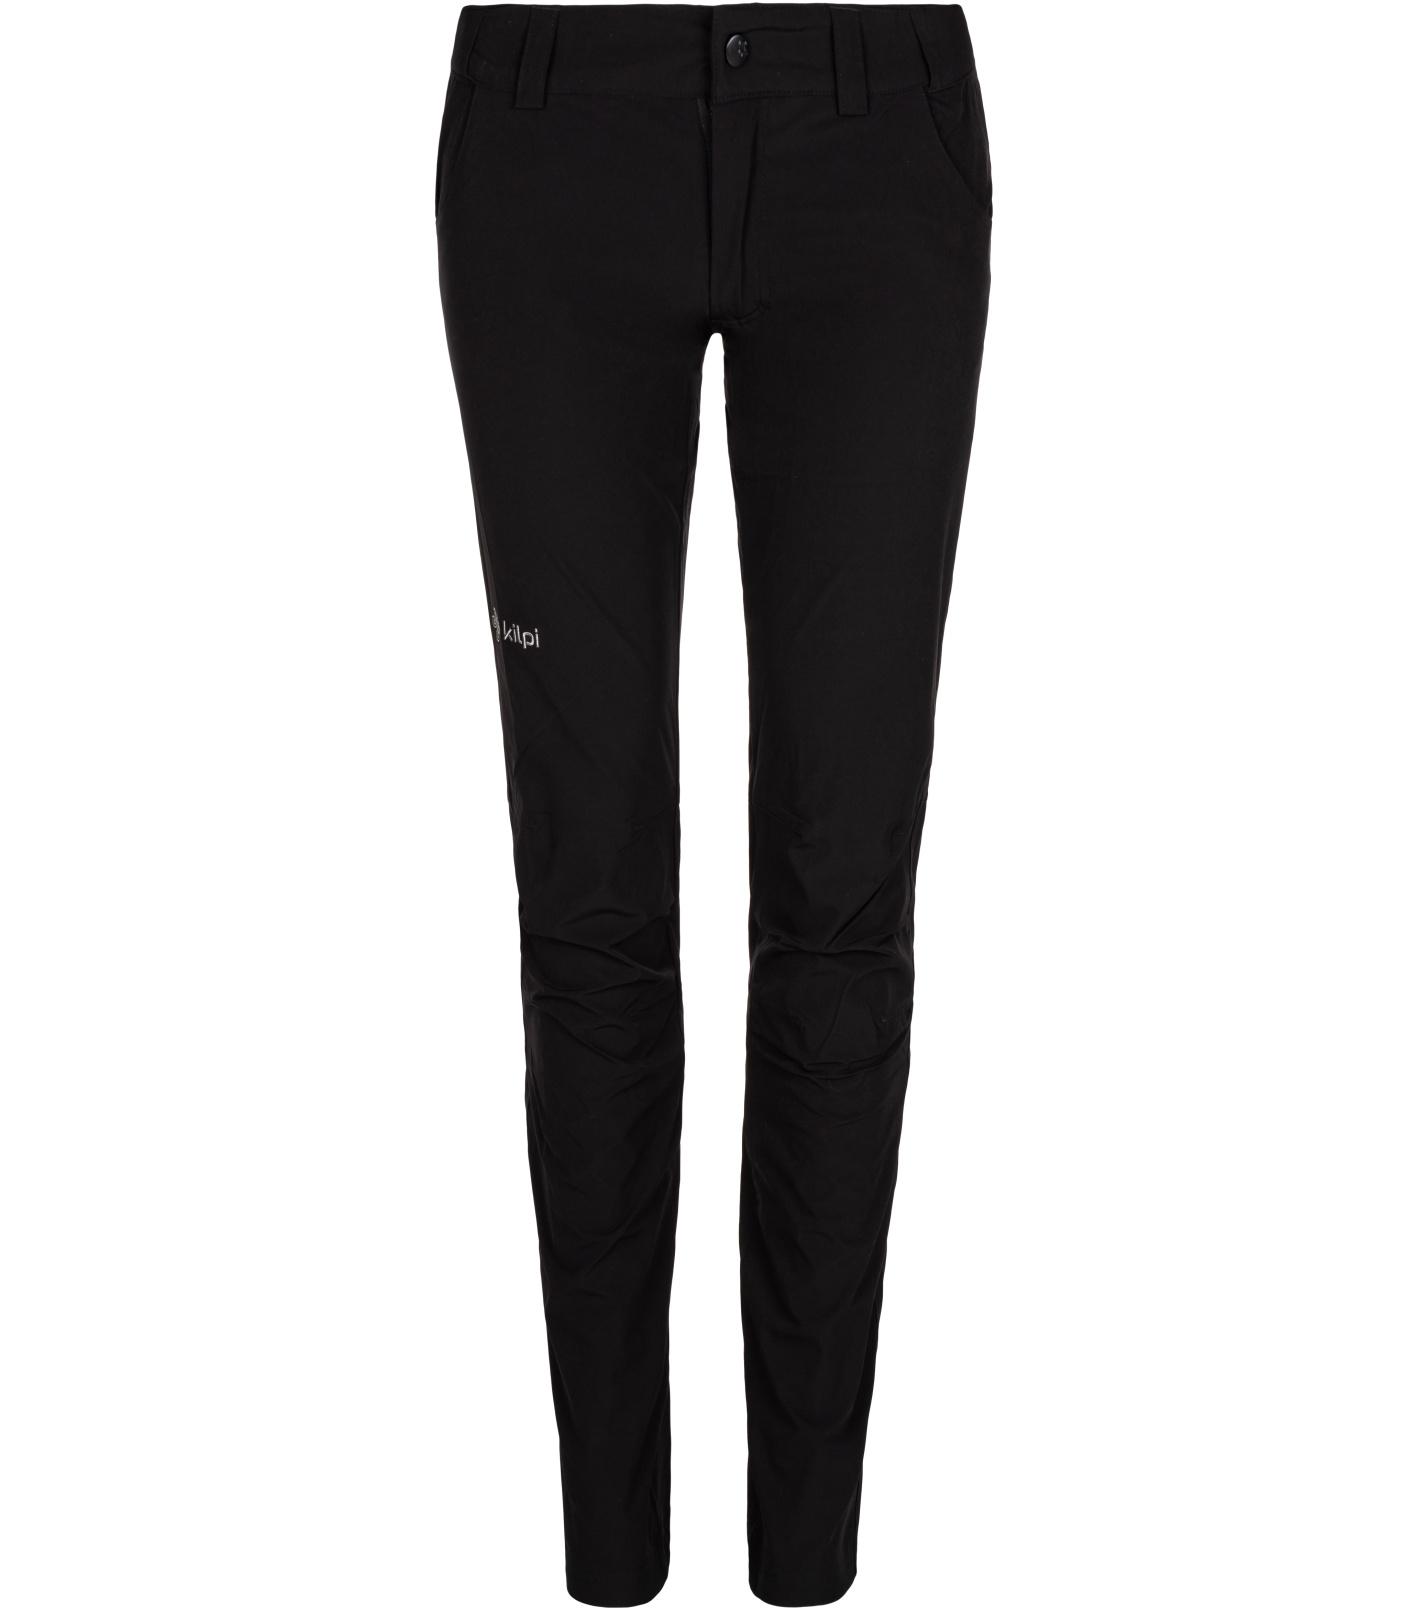 KILPI Dámské outdoorové kalhoty UMBERTA-W ML0025KIBLK Černá 40